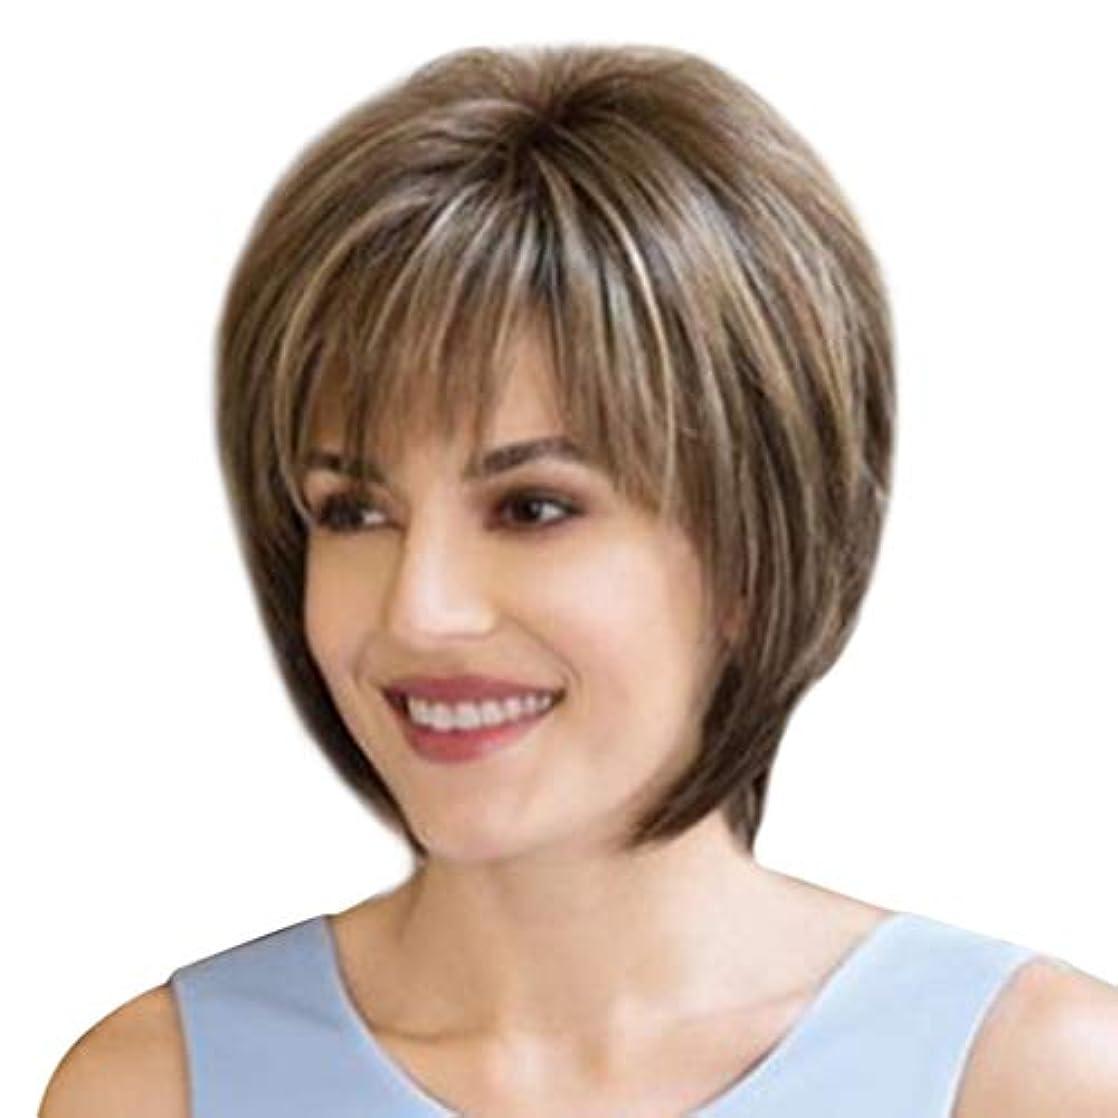 趣味通訳マージCinhent 8インチファッション合成ストレートショートレディースウィッグふわふわ染色天然のリアルな髪の毛のかつら女性のファイバー